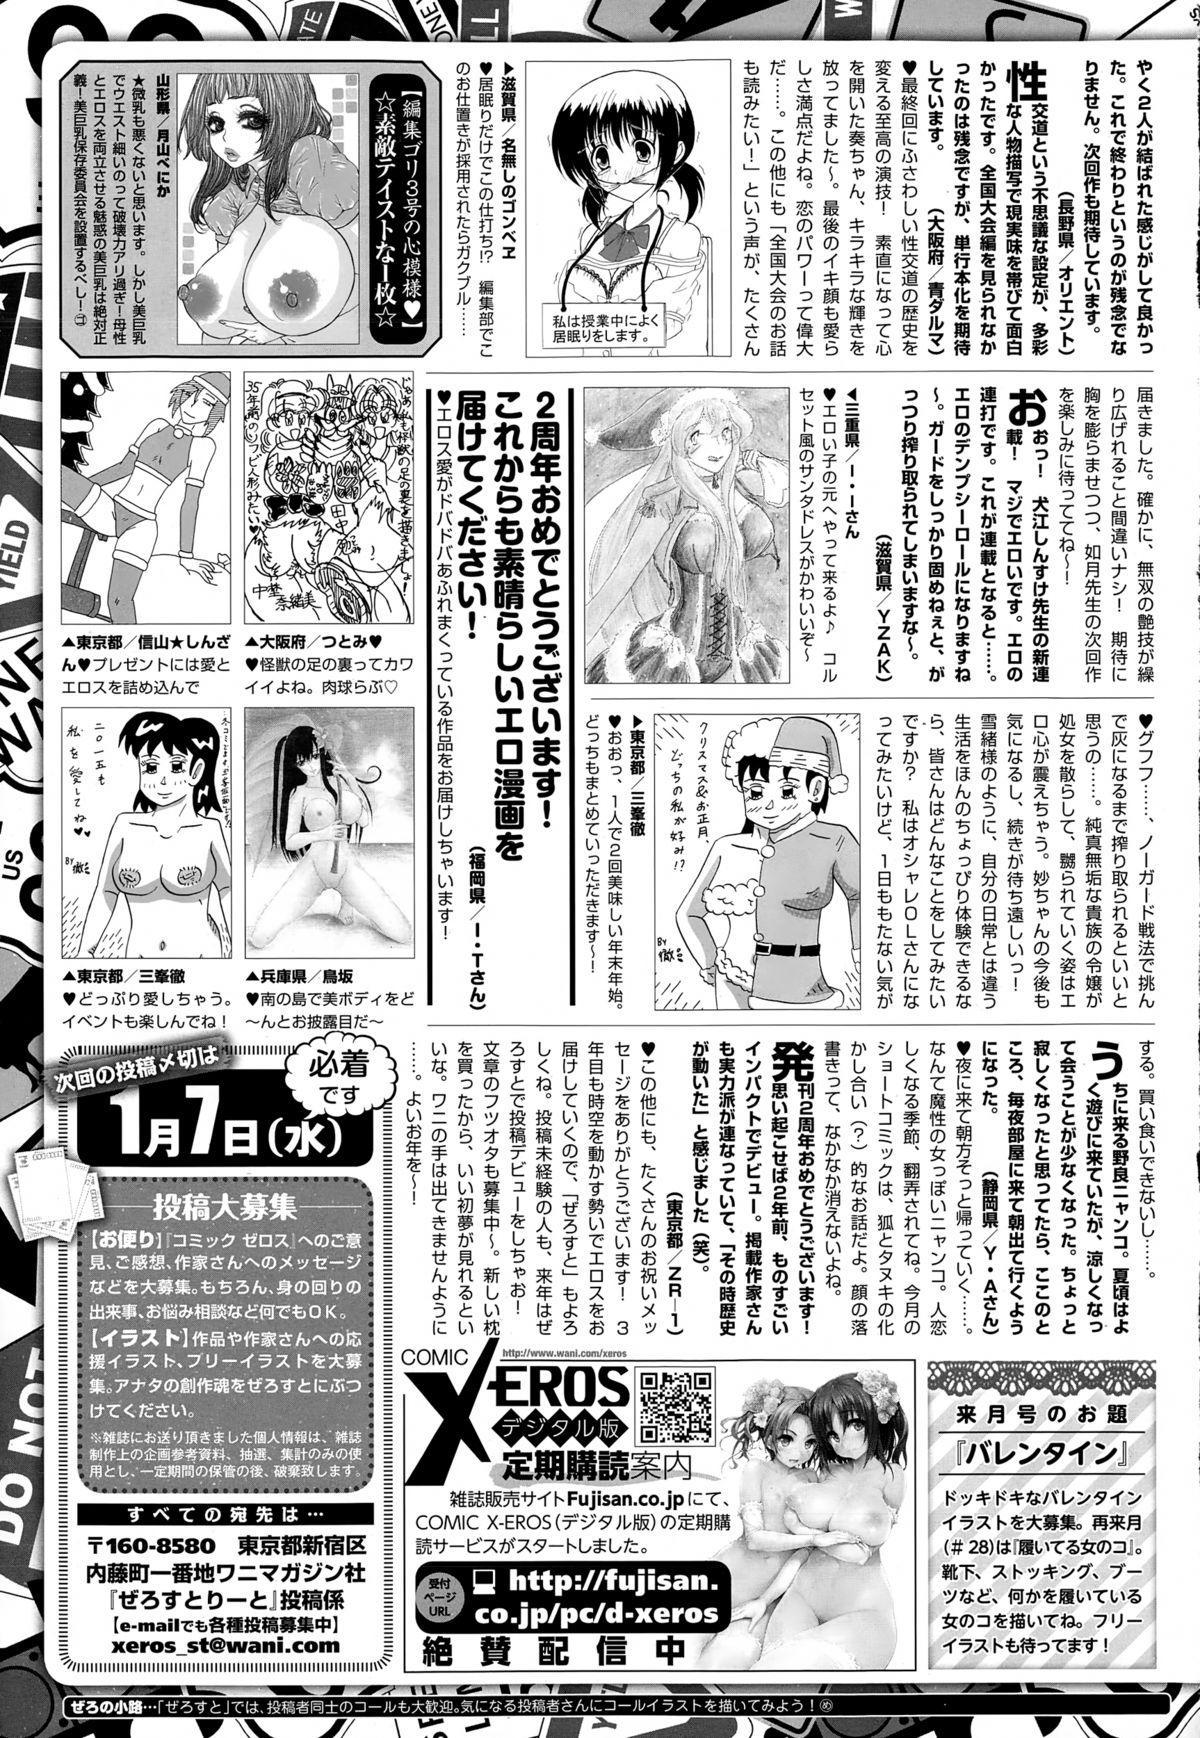 COMIC X-EROS #26 2015-02 528